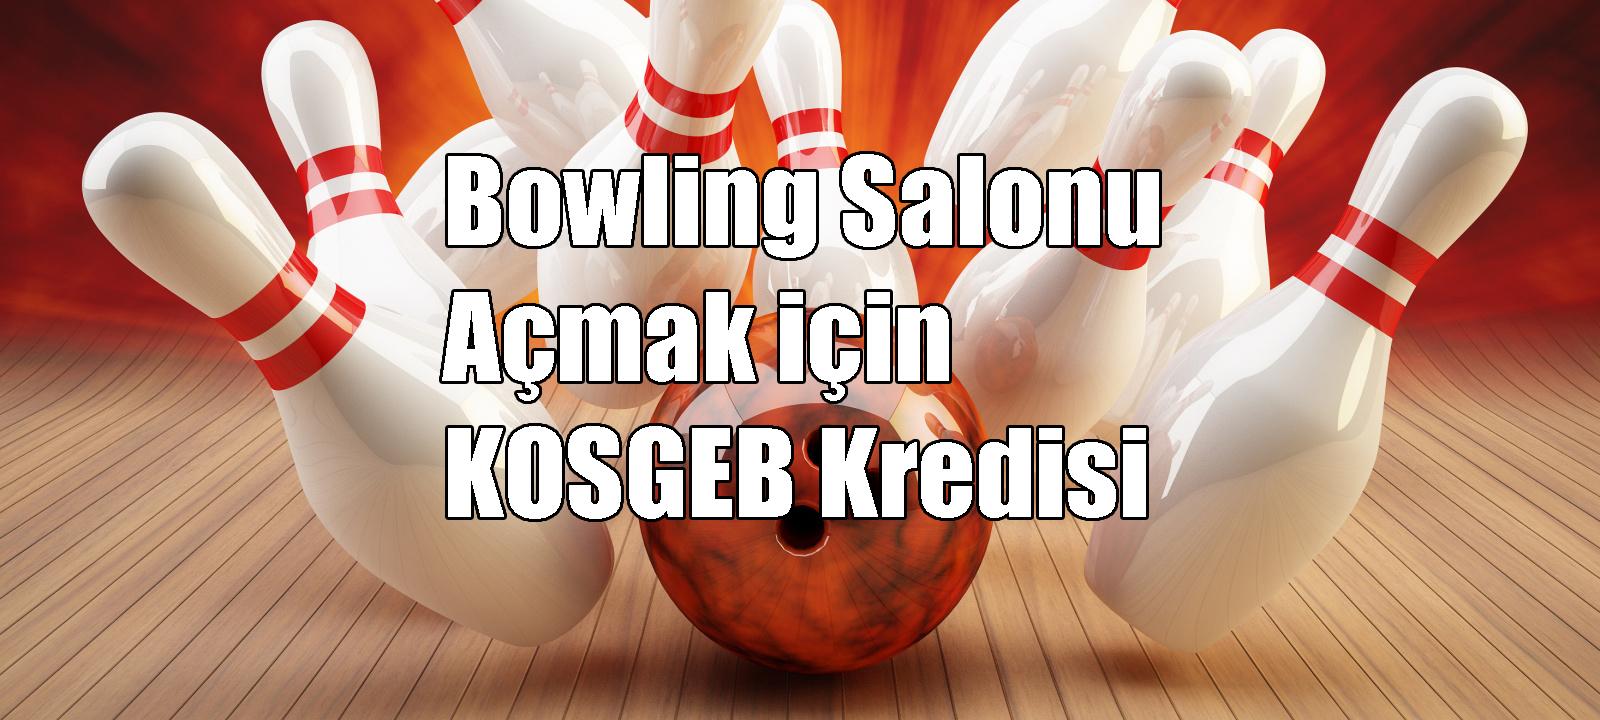 Bowling Salonu Açmak için KOSGEB Kredisi